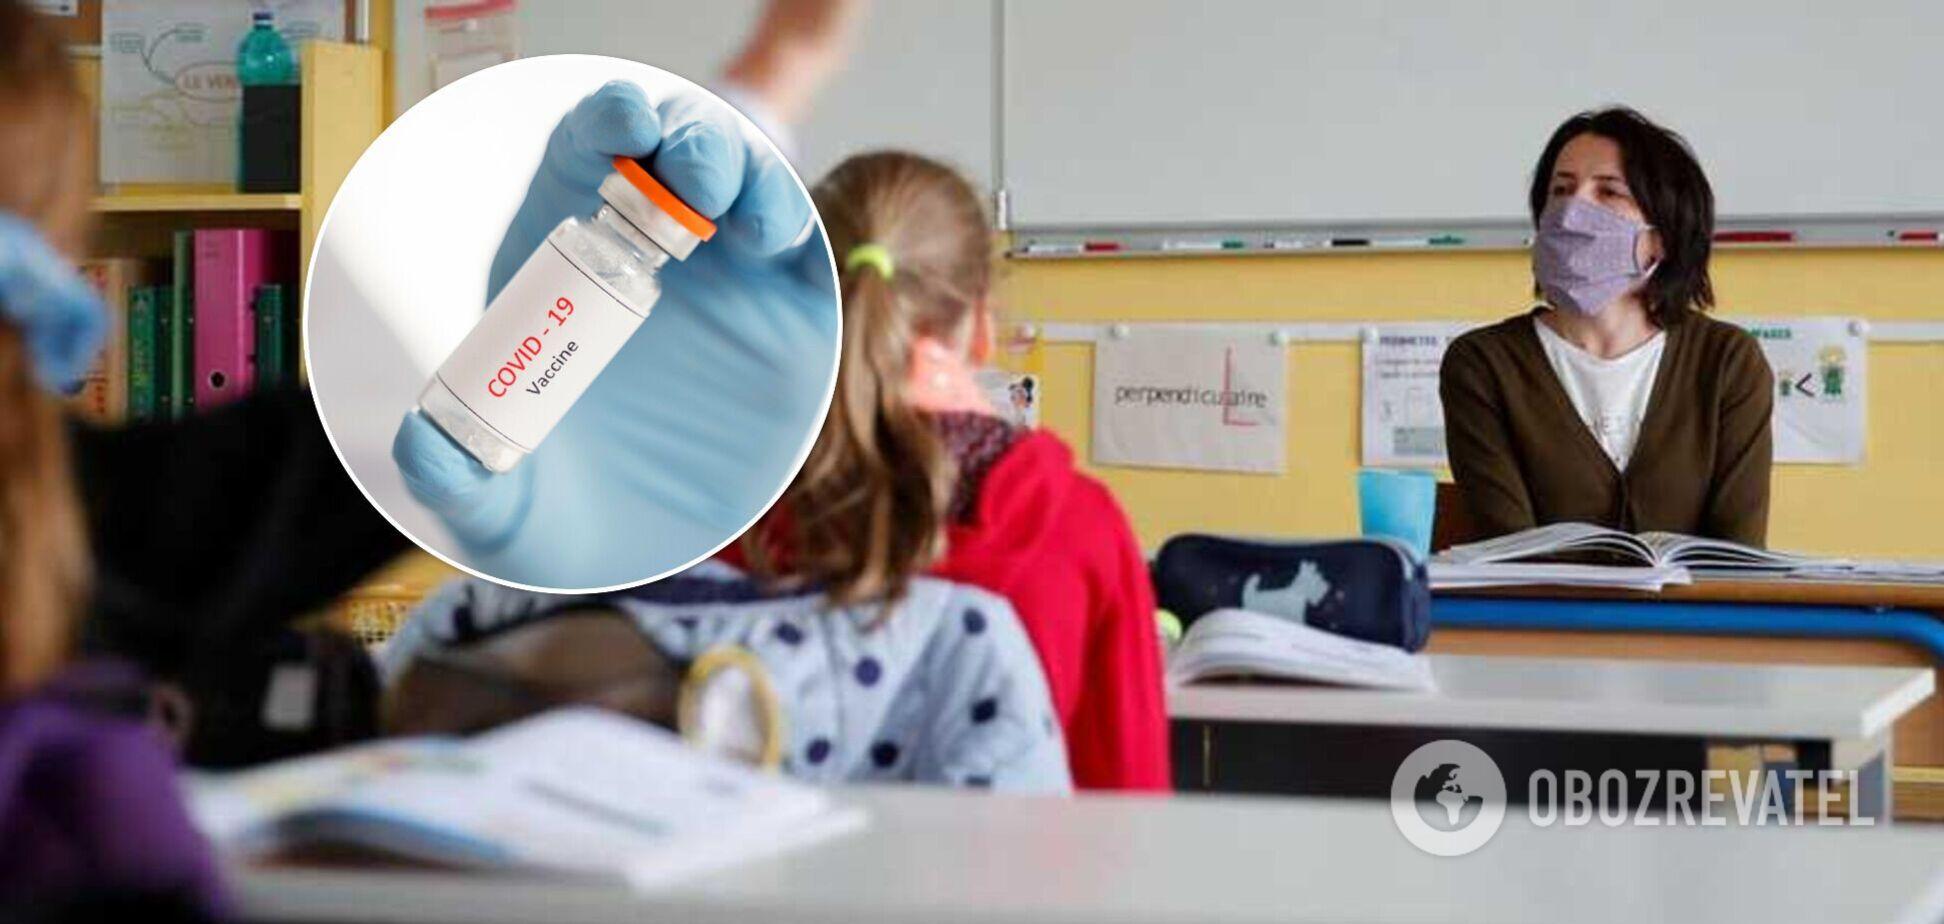 Женщина 'нашла' связь между вакцинацией учителей и головной болью ребенка